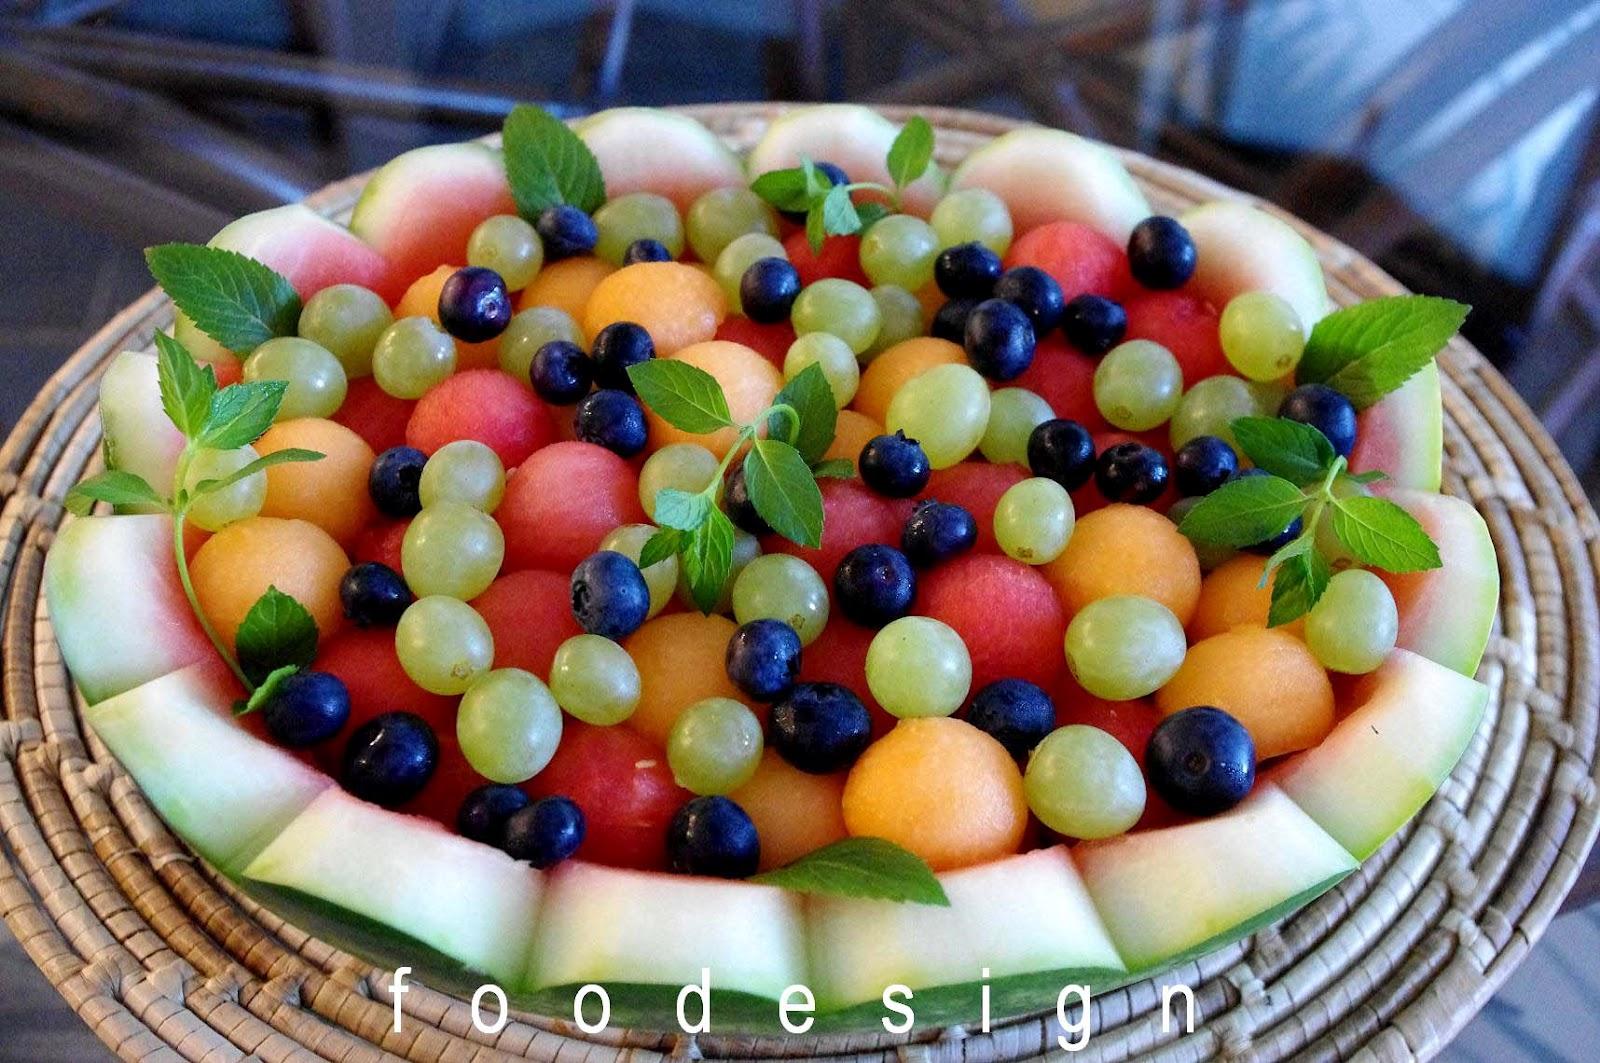 fresh fruit salad fruits basket manga